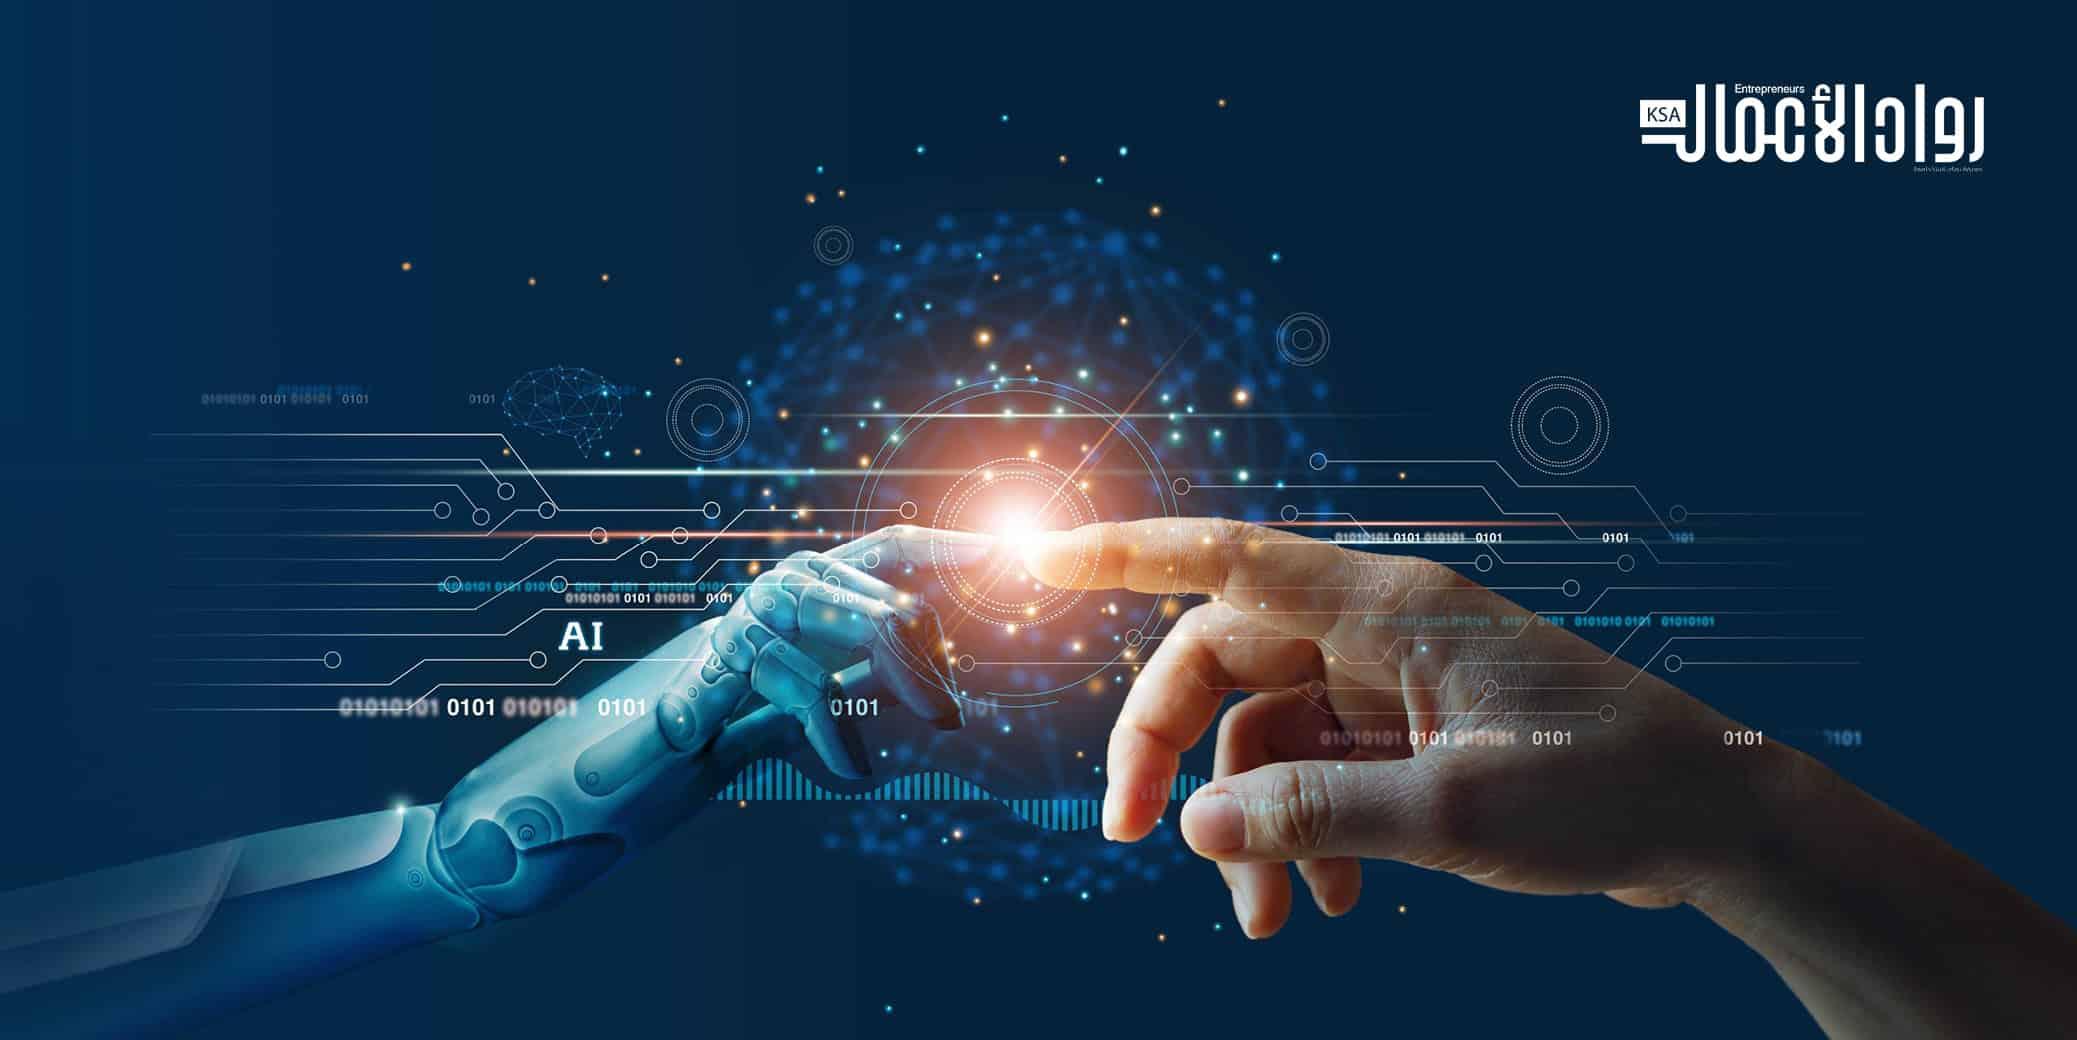 مستقبل الذكاء الاصطناعي